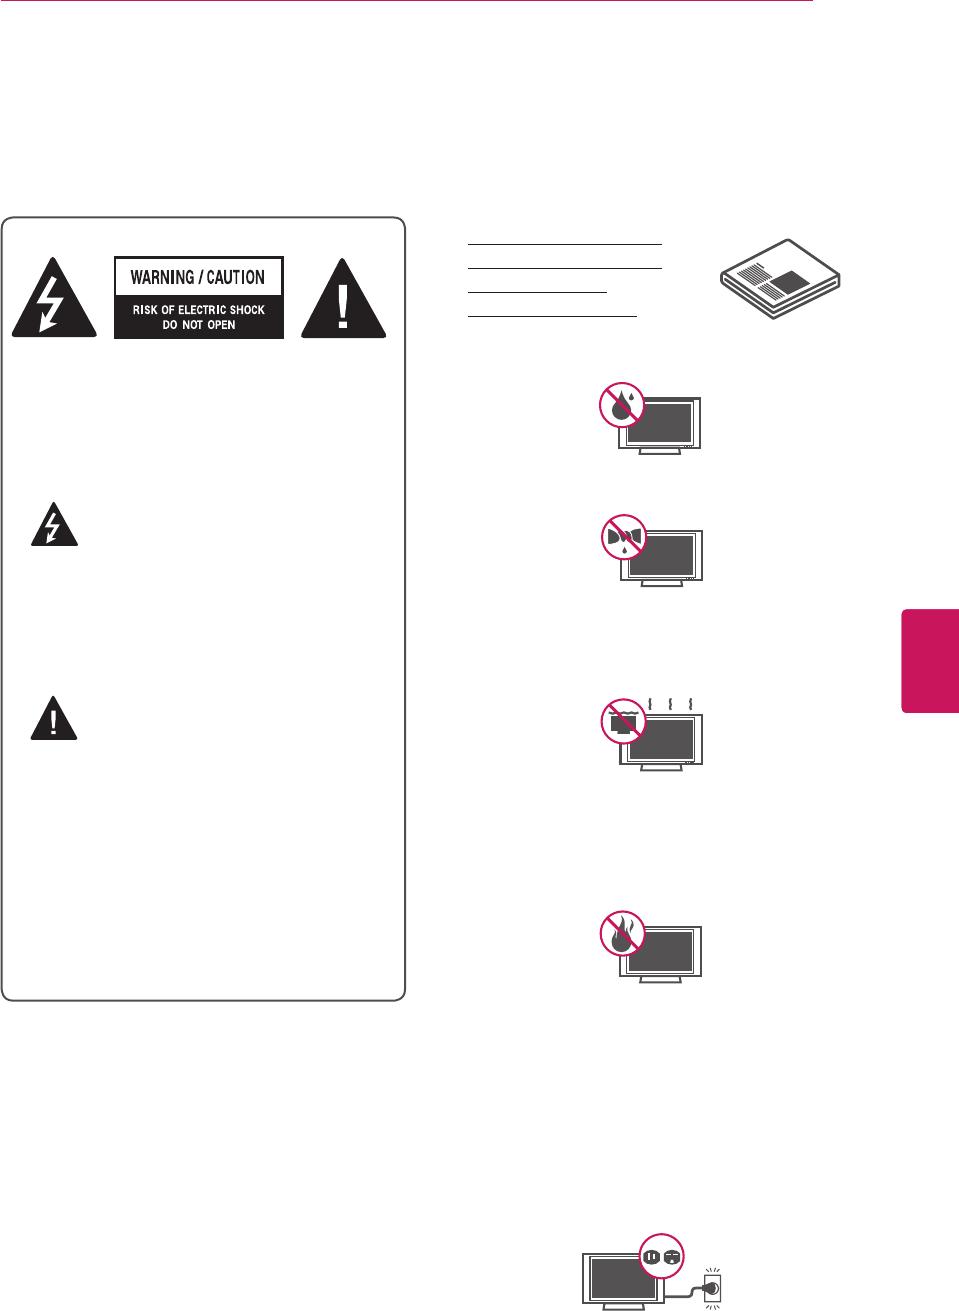 LG 50PW350 User Manual Owner's SAC34134216 8 Eng